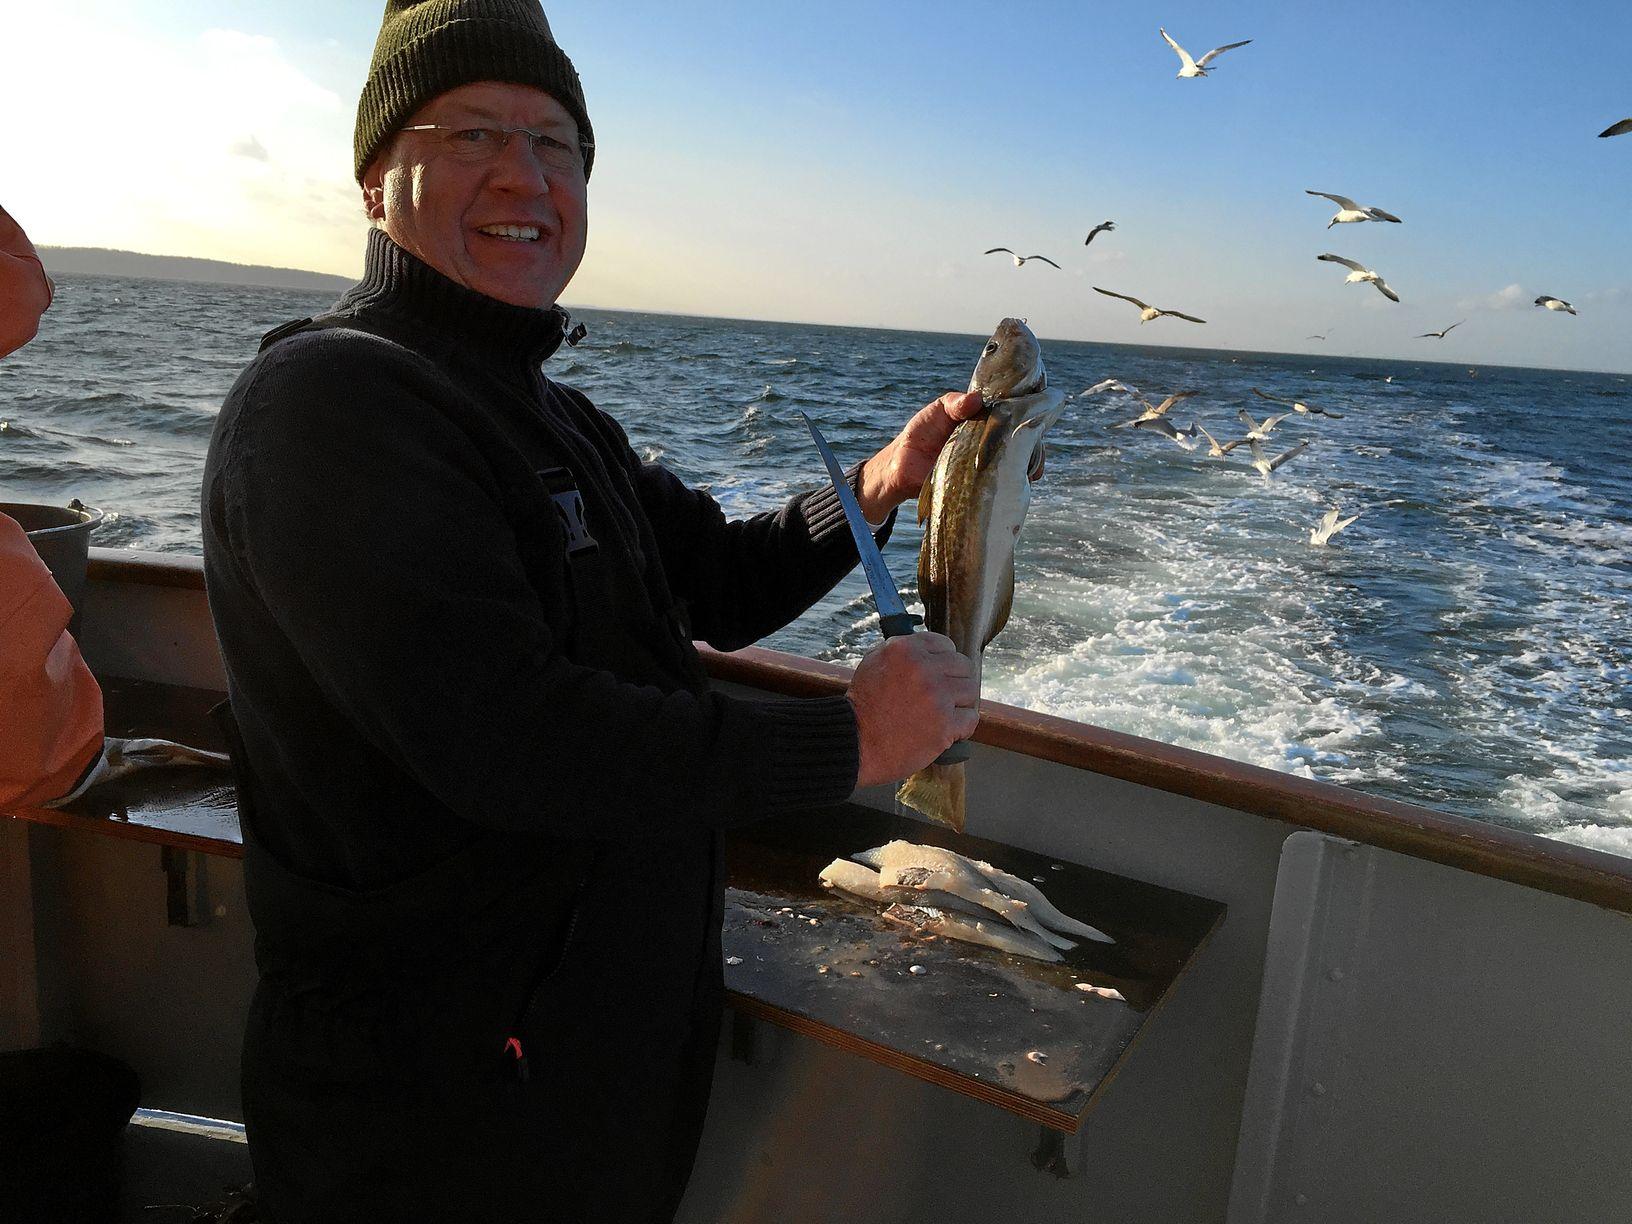 Fischverarbeitung auf der Peter II